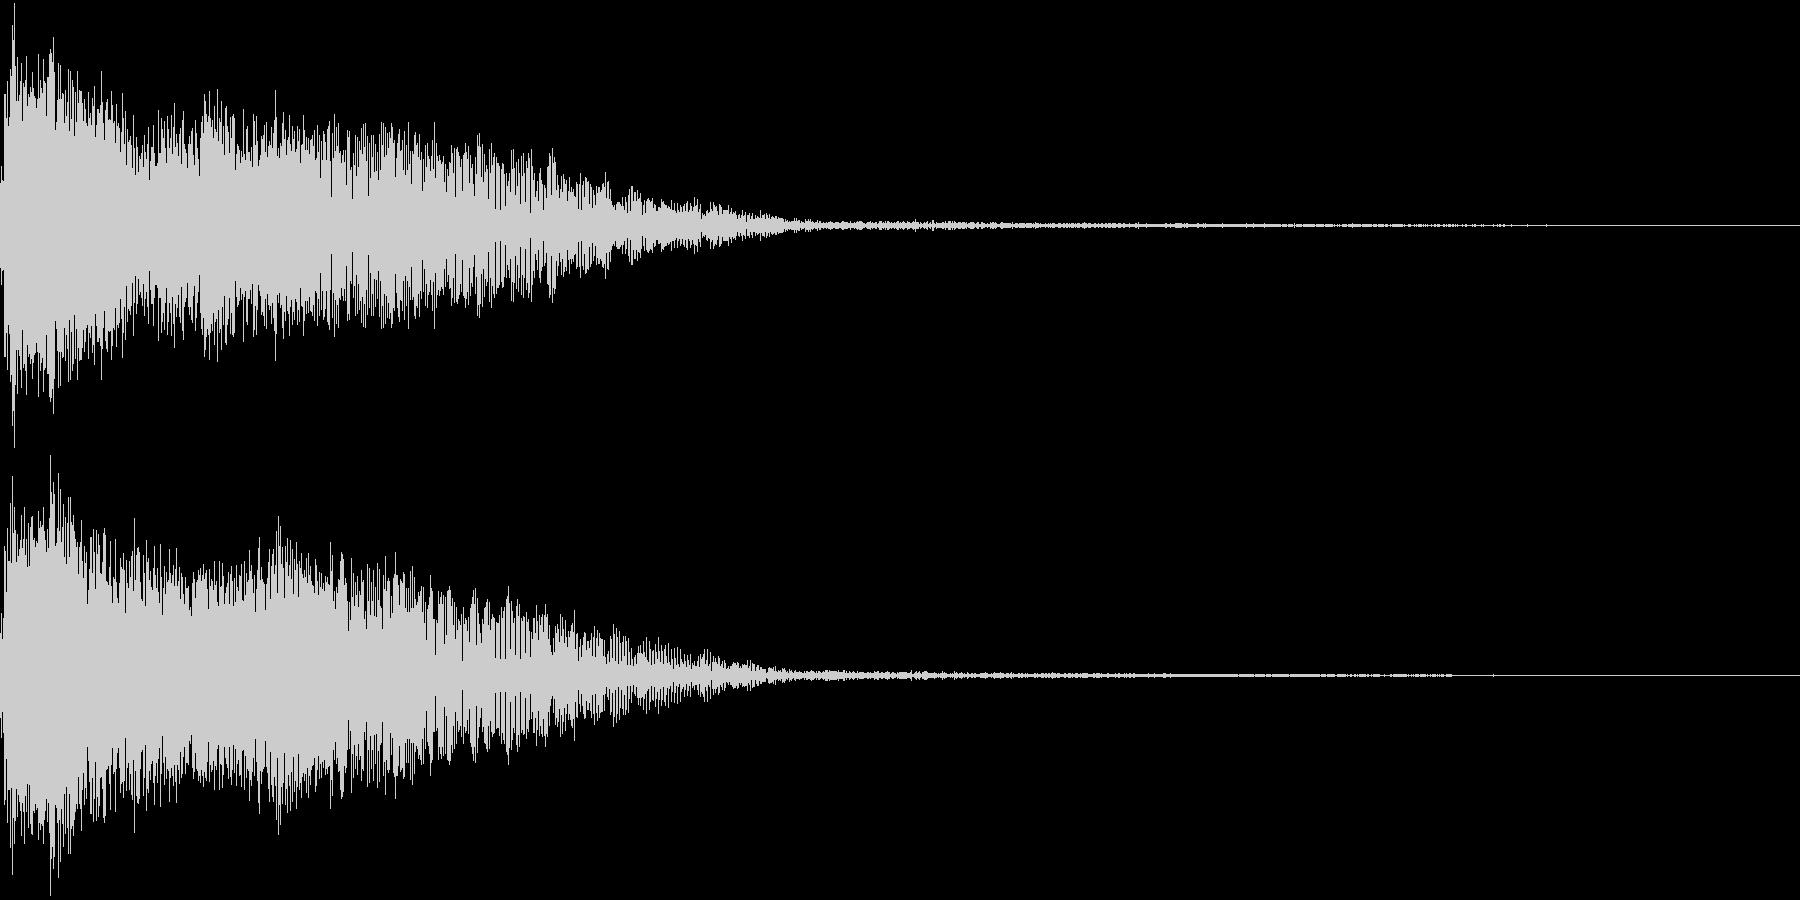 InvaderBuzz 発砲音 3の未再生の波形